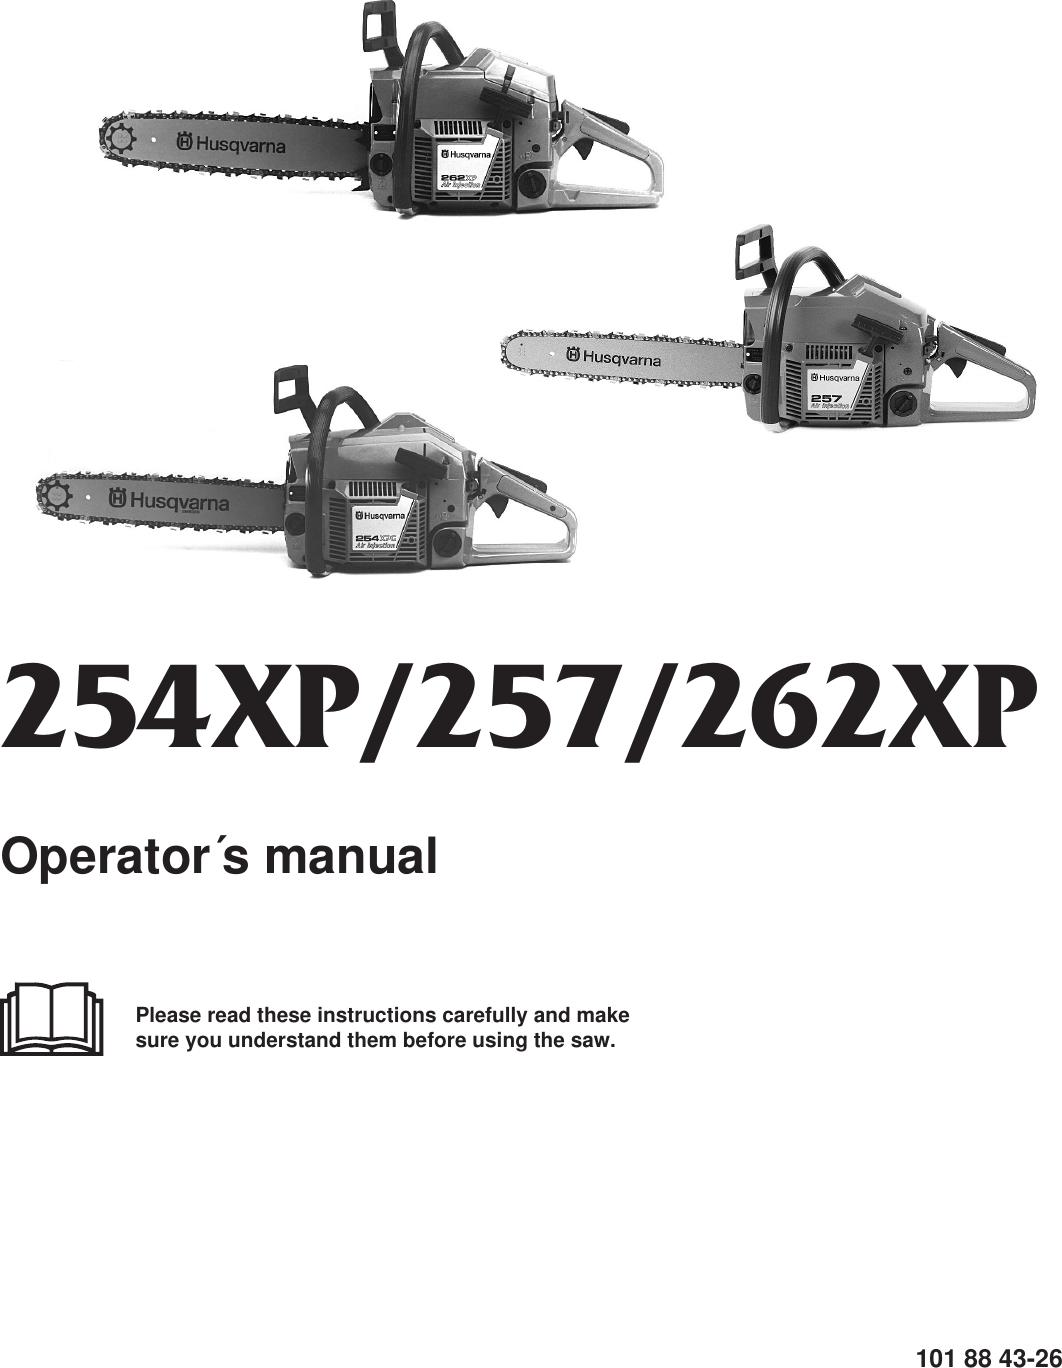 Husqvarna 254Xp 257 262Xp Users Manual OM, 254 XP/ 257